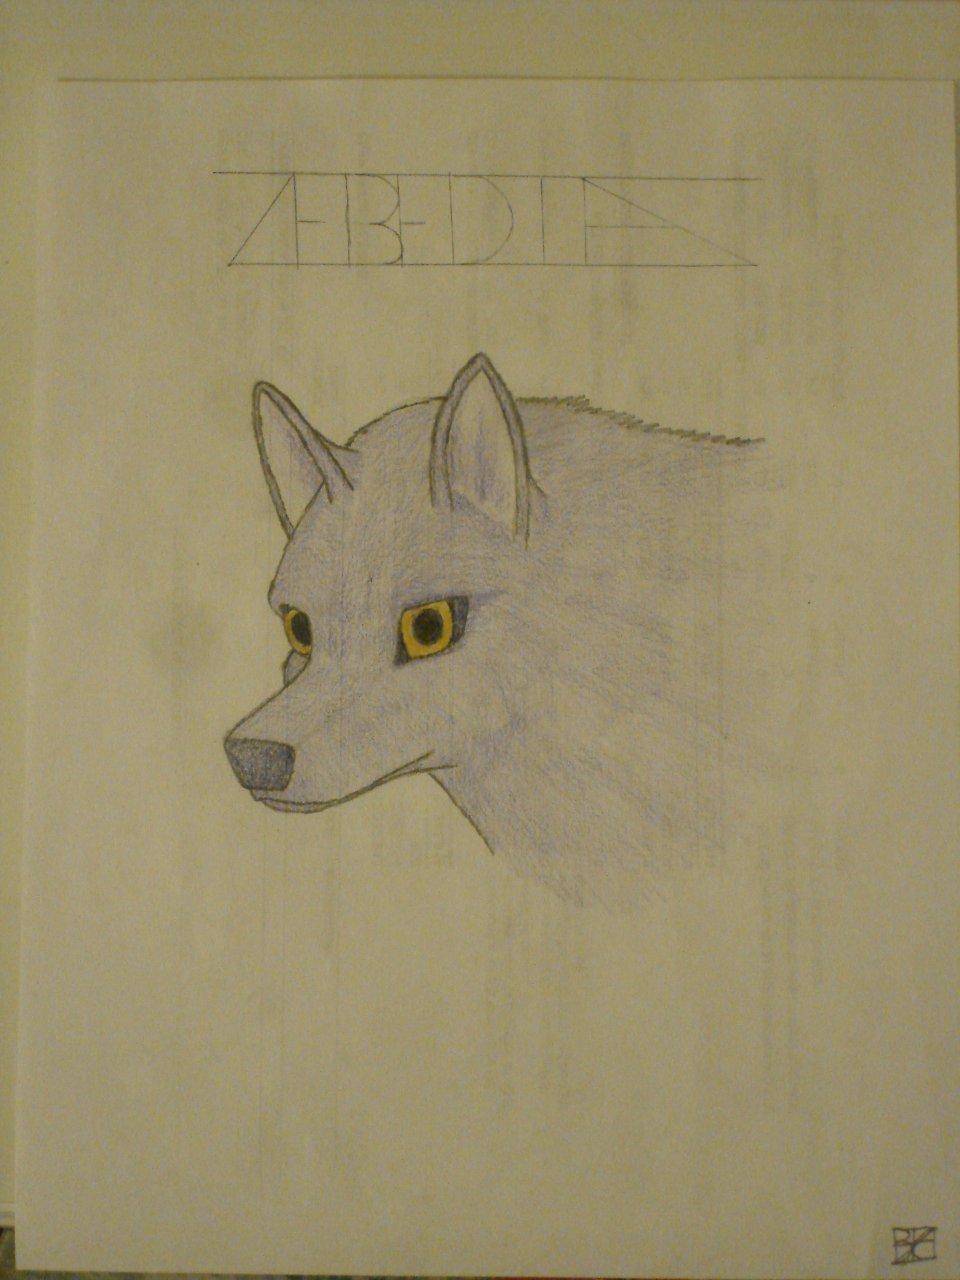 Zebedia